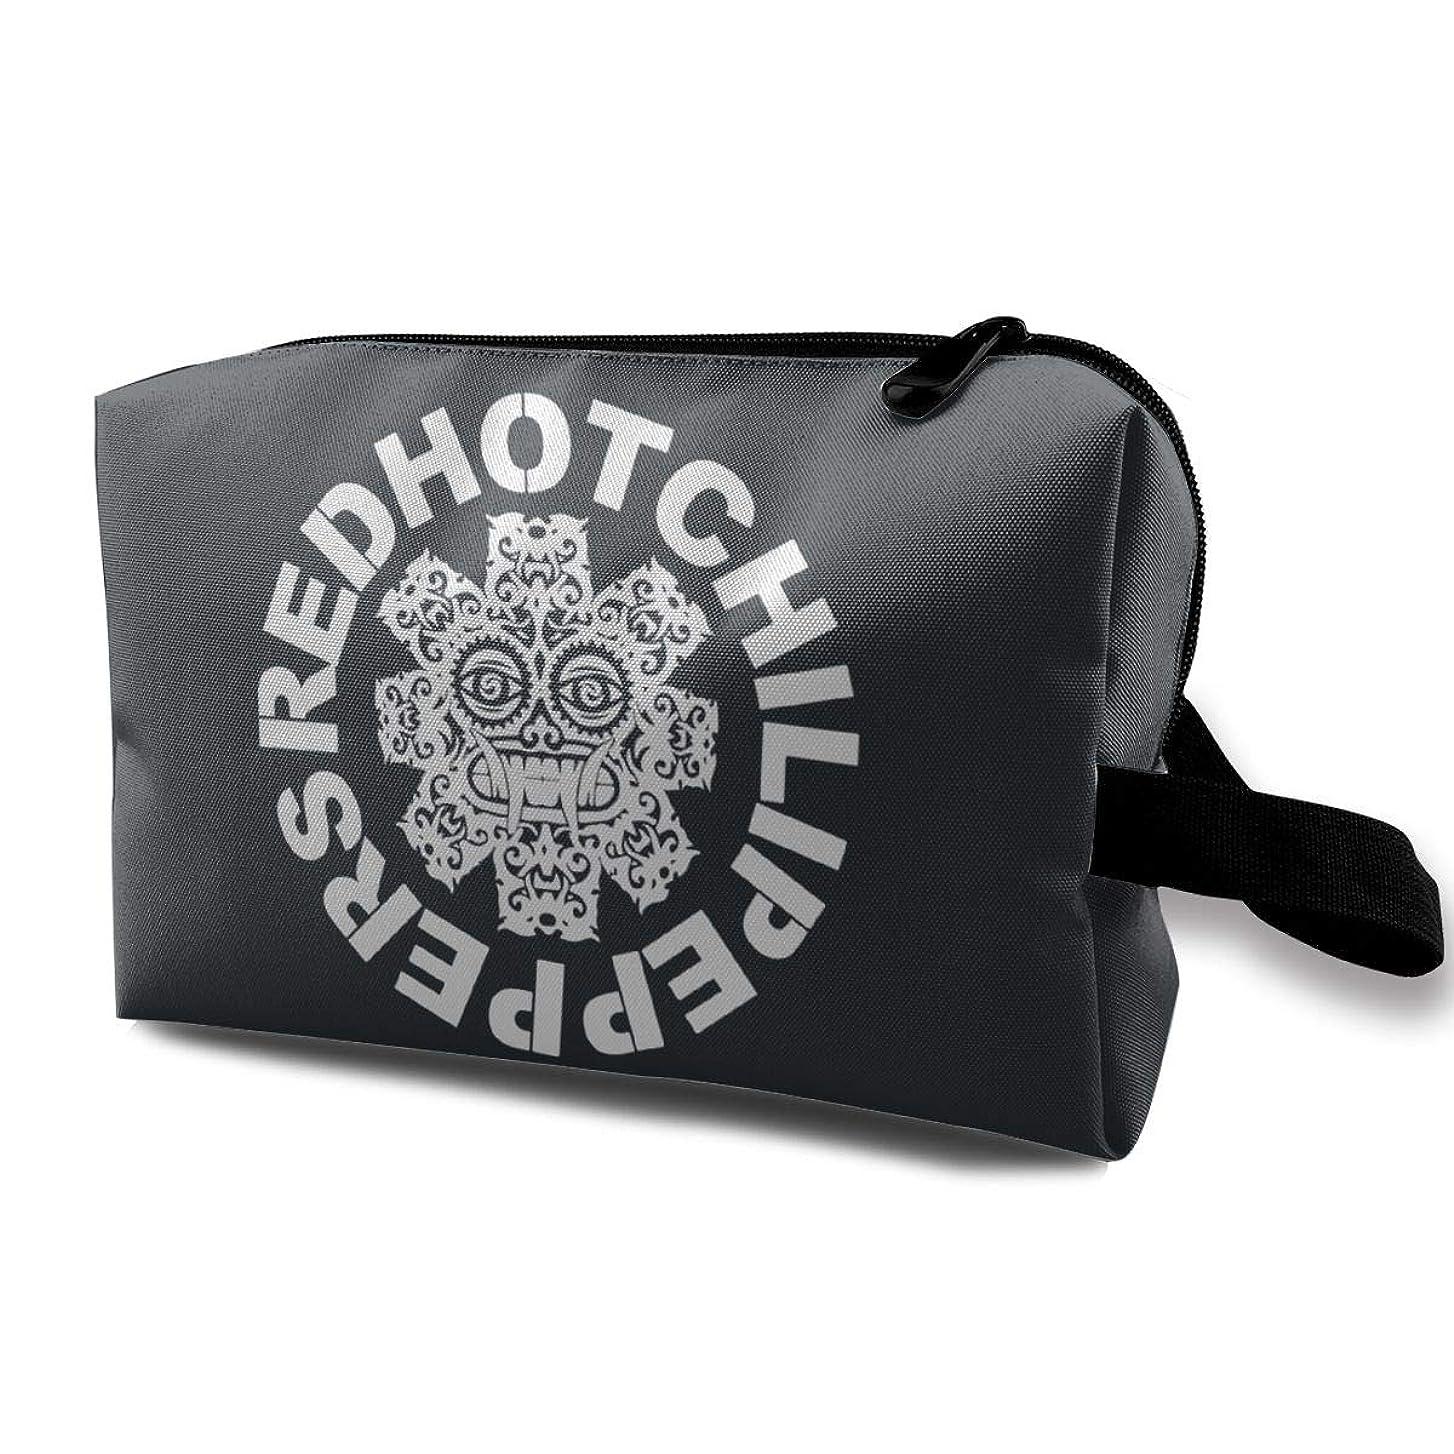 車両遠征息を切らして化粧ポーチ コスメケース 小物入れ コスメ 高品質 大容量 旅行 出張 普段使い 軽い 持ち運び便利 メイクボックス スポーツ プレゼント Red Hot Chili Peppers Logo